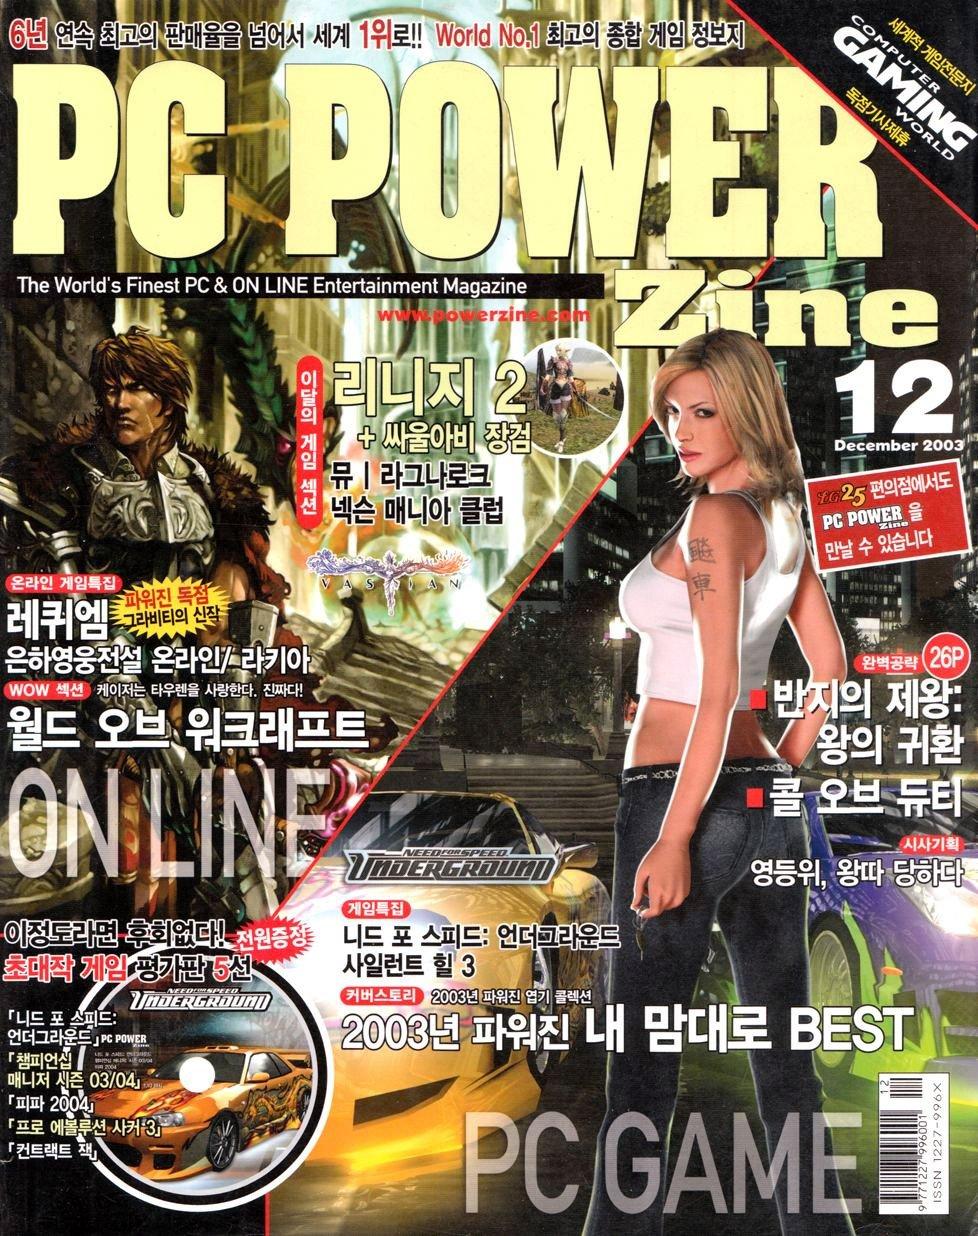 PC Power Zine Issue 101 (December 2003)